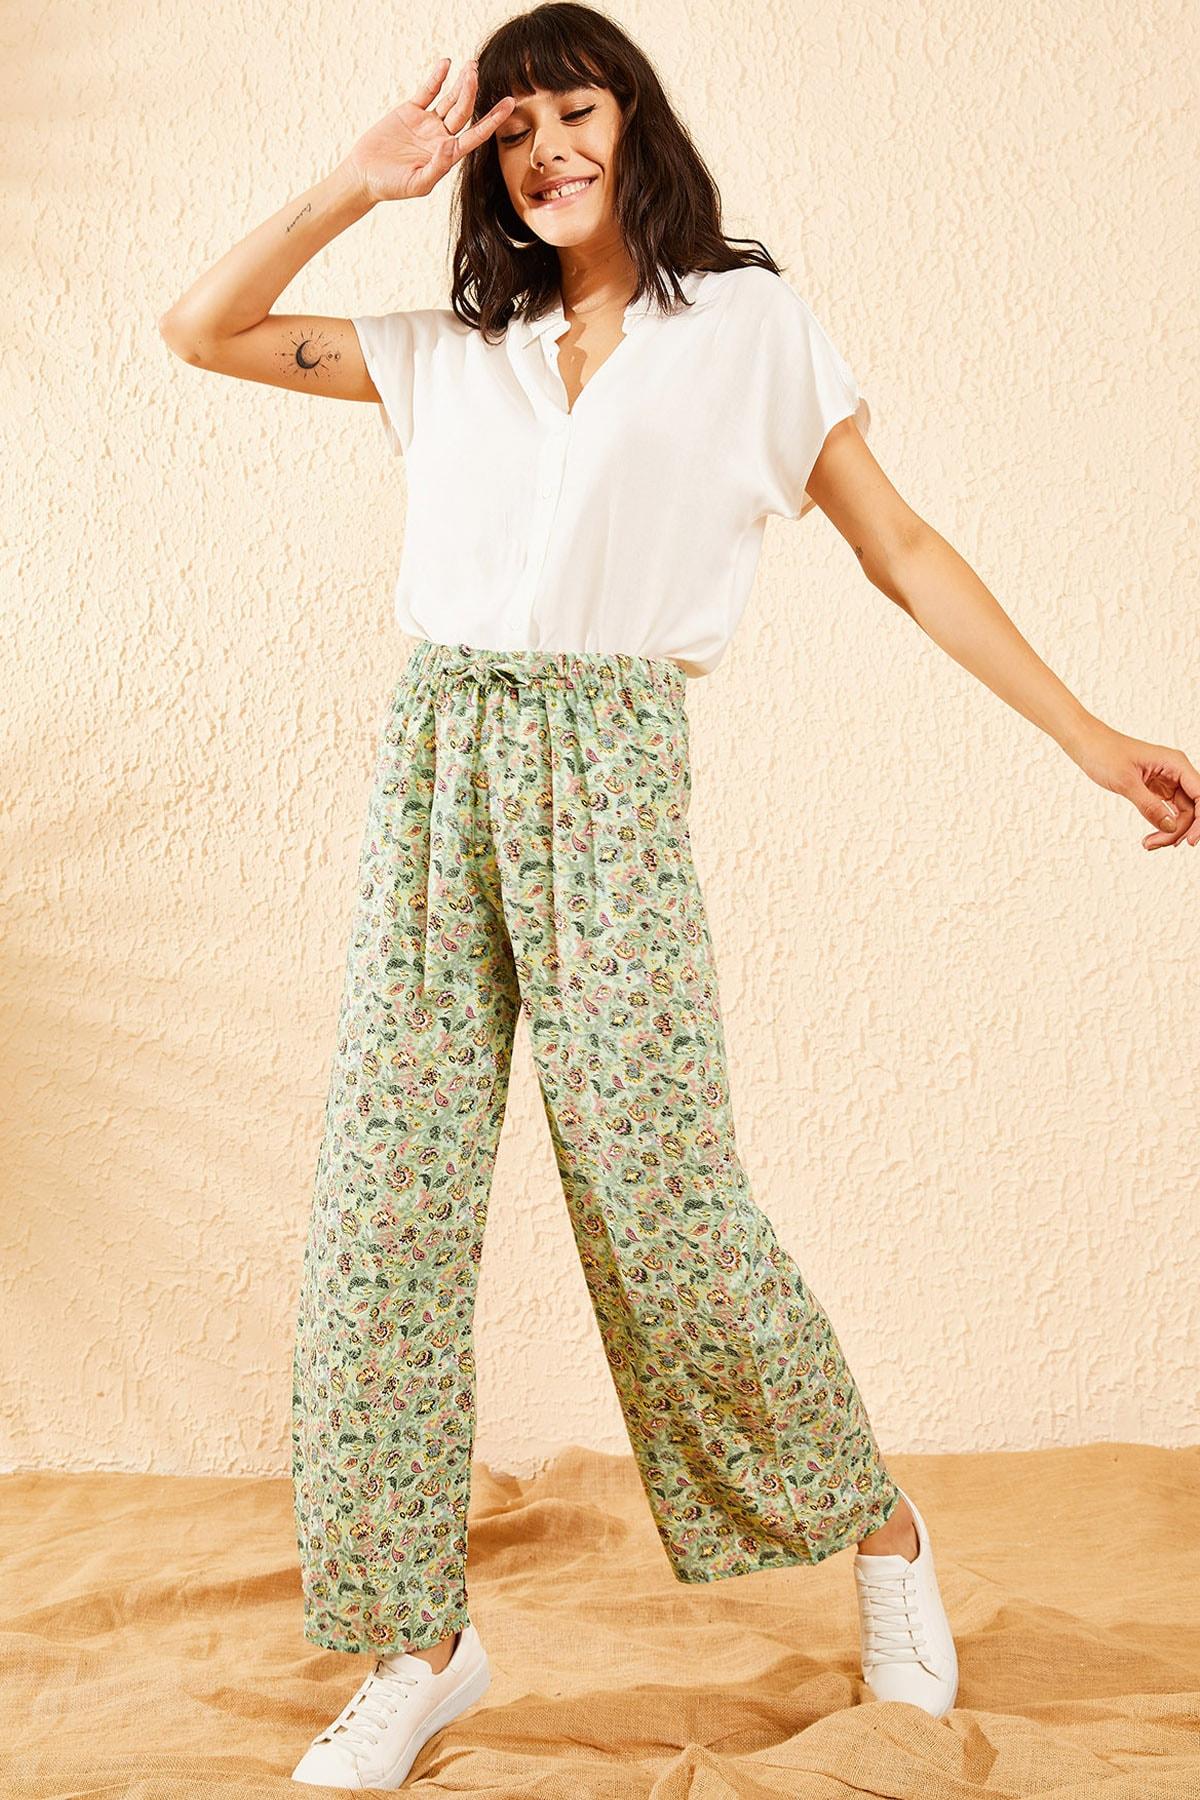 Bianco Lucci Kadın Mint Yeşili Çiçek Desenli Beli Lastikli Bol Paça Pantolon 10081051 2